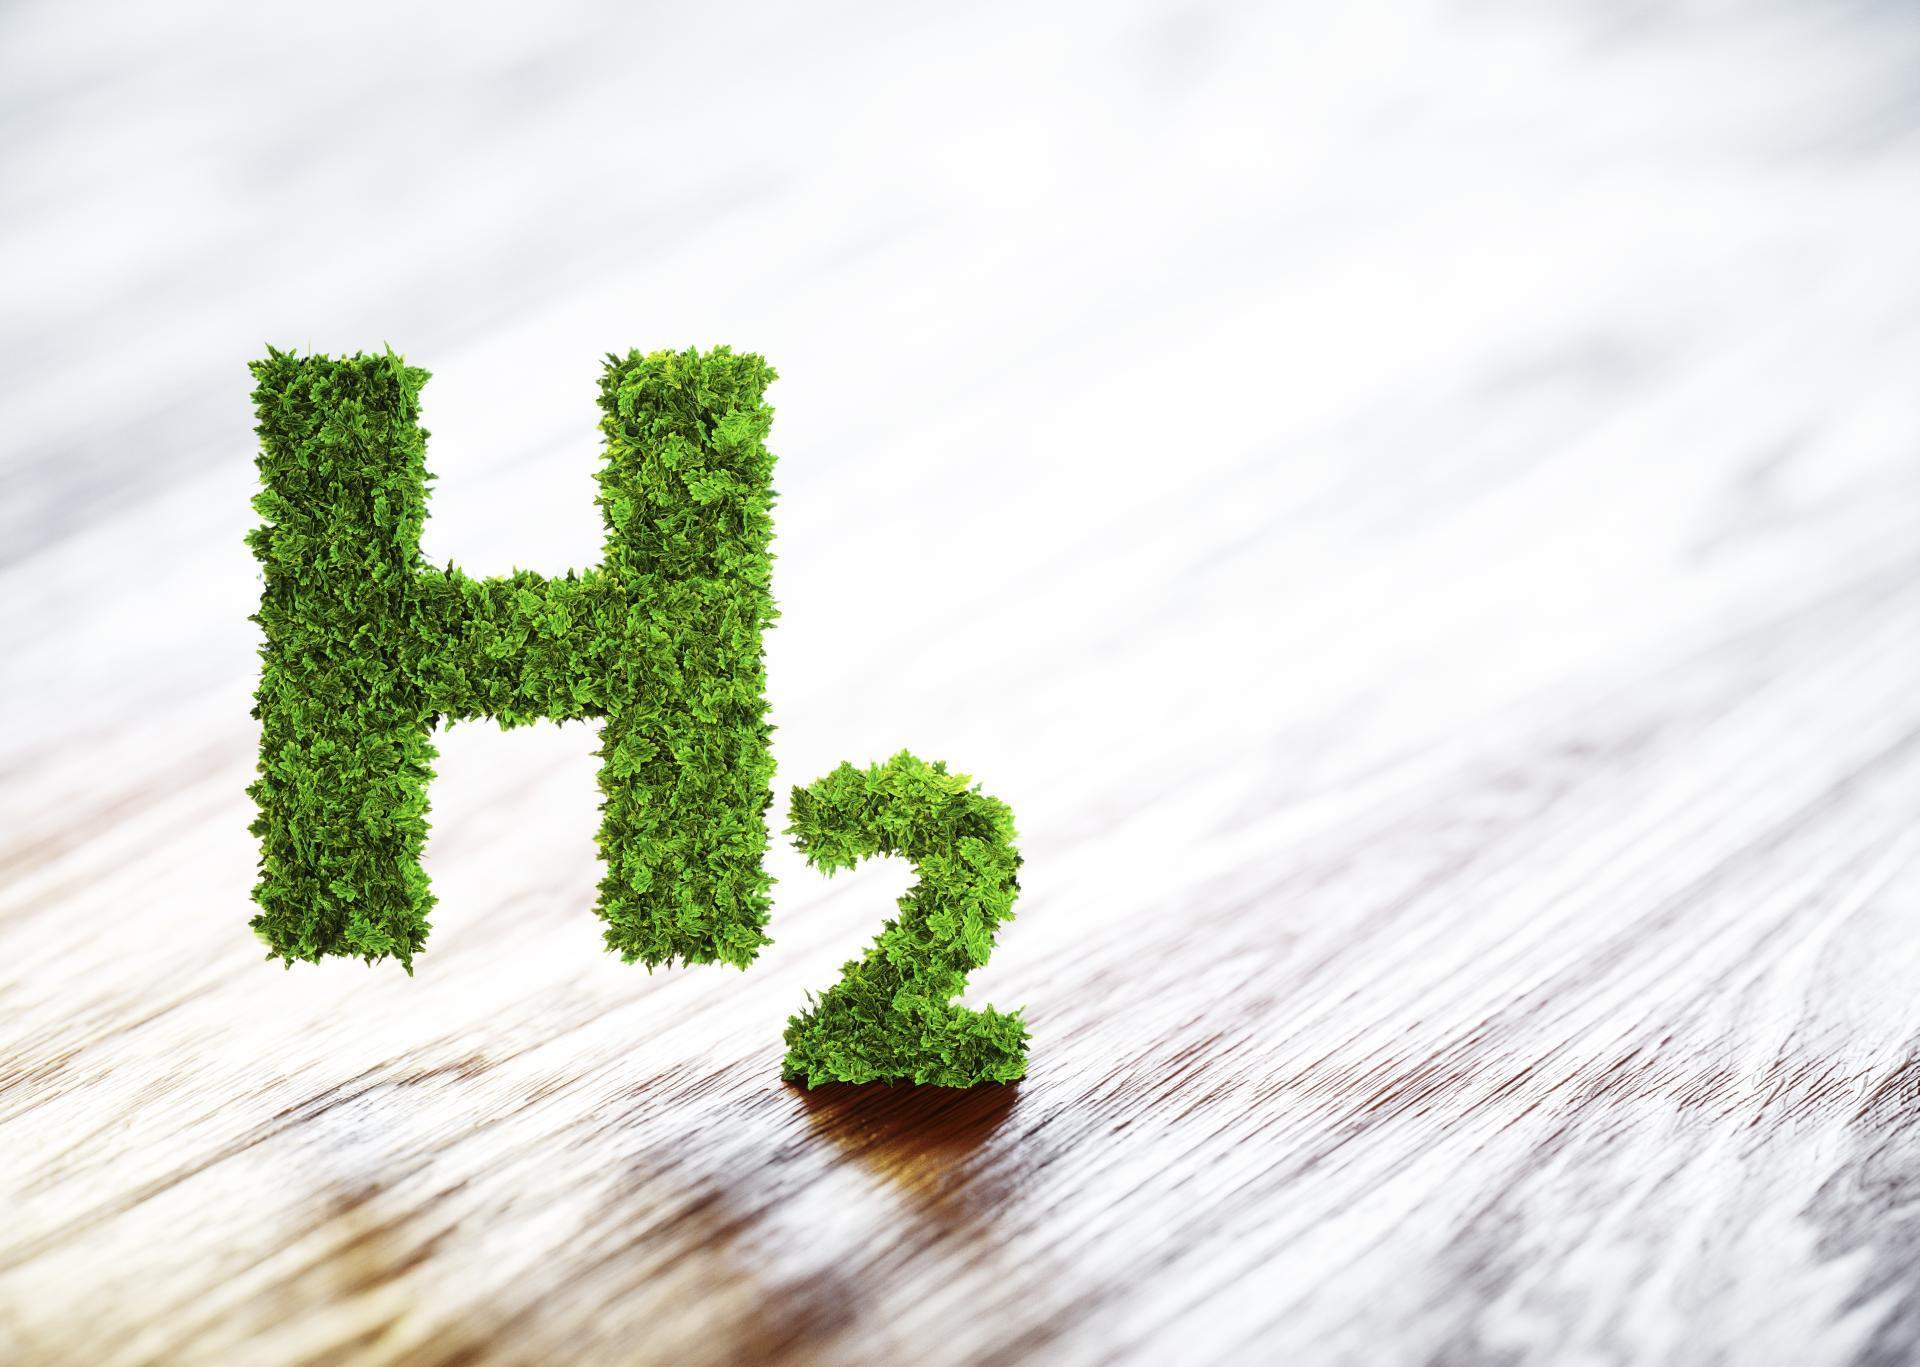 Bundesregierung verabschiedet Nationale Wasserstoffstrategie und beruft Nationalen Wasserstoffrat